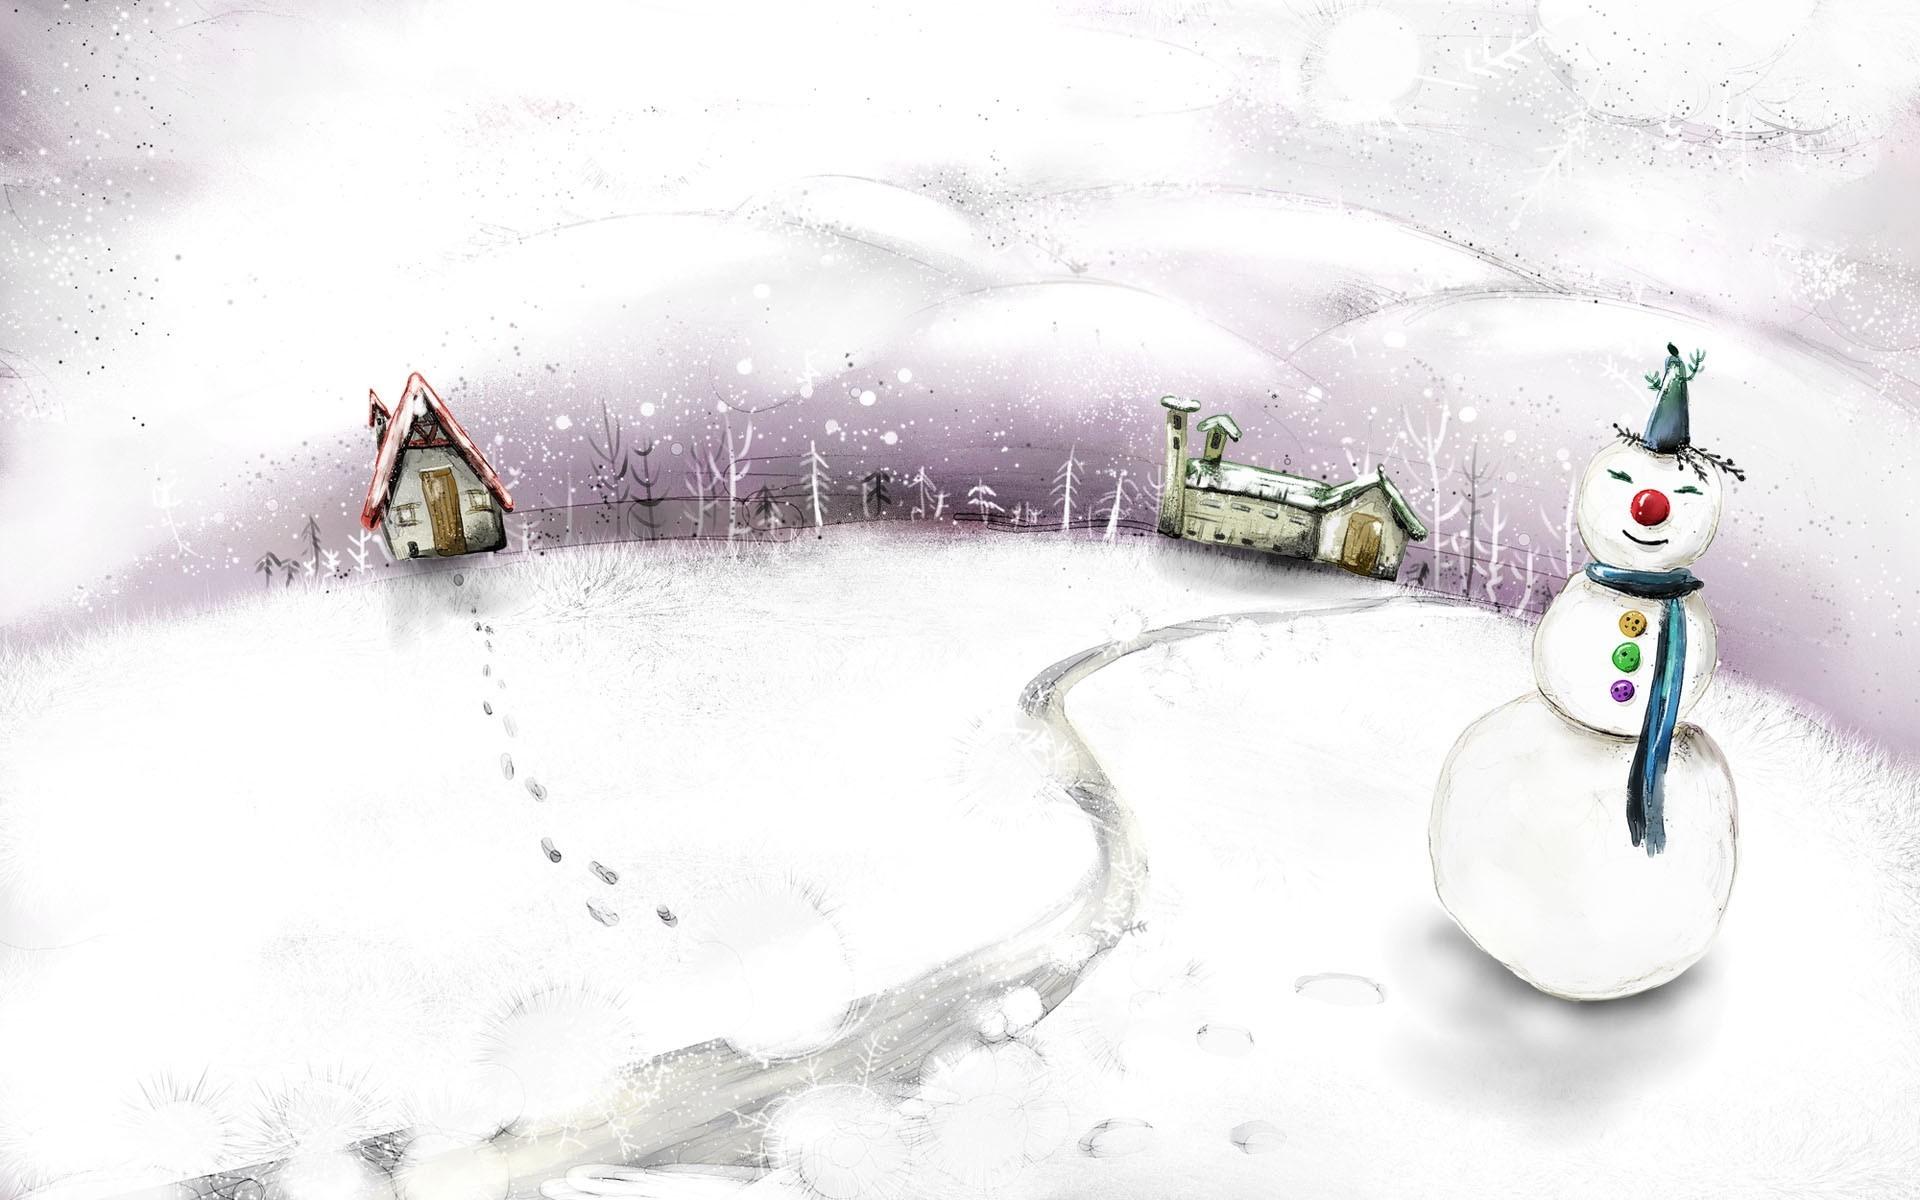 нарисованная зима обои на рабочий стол № 1239631 без смс